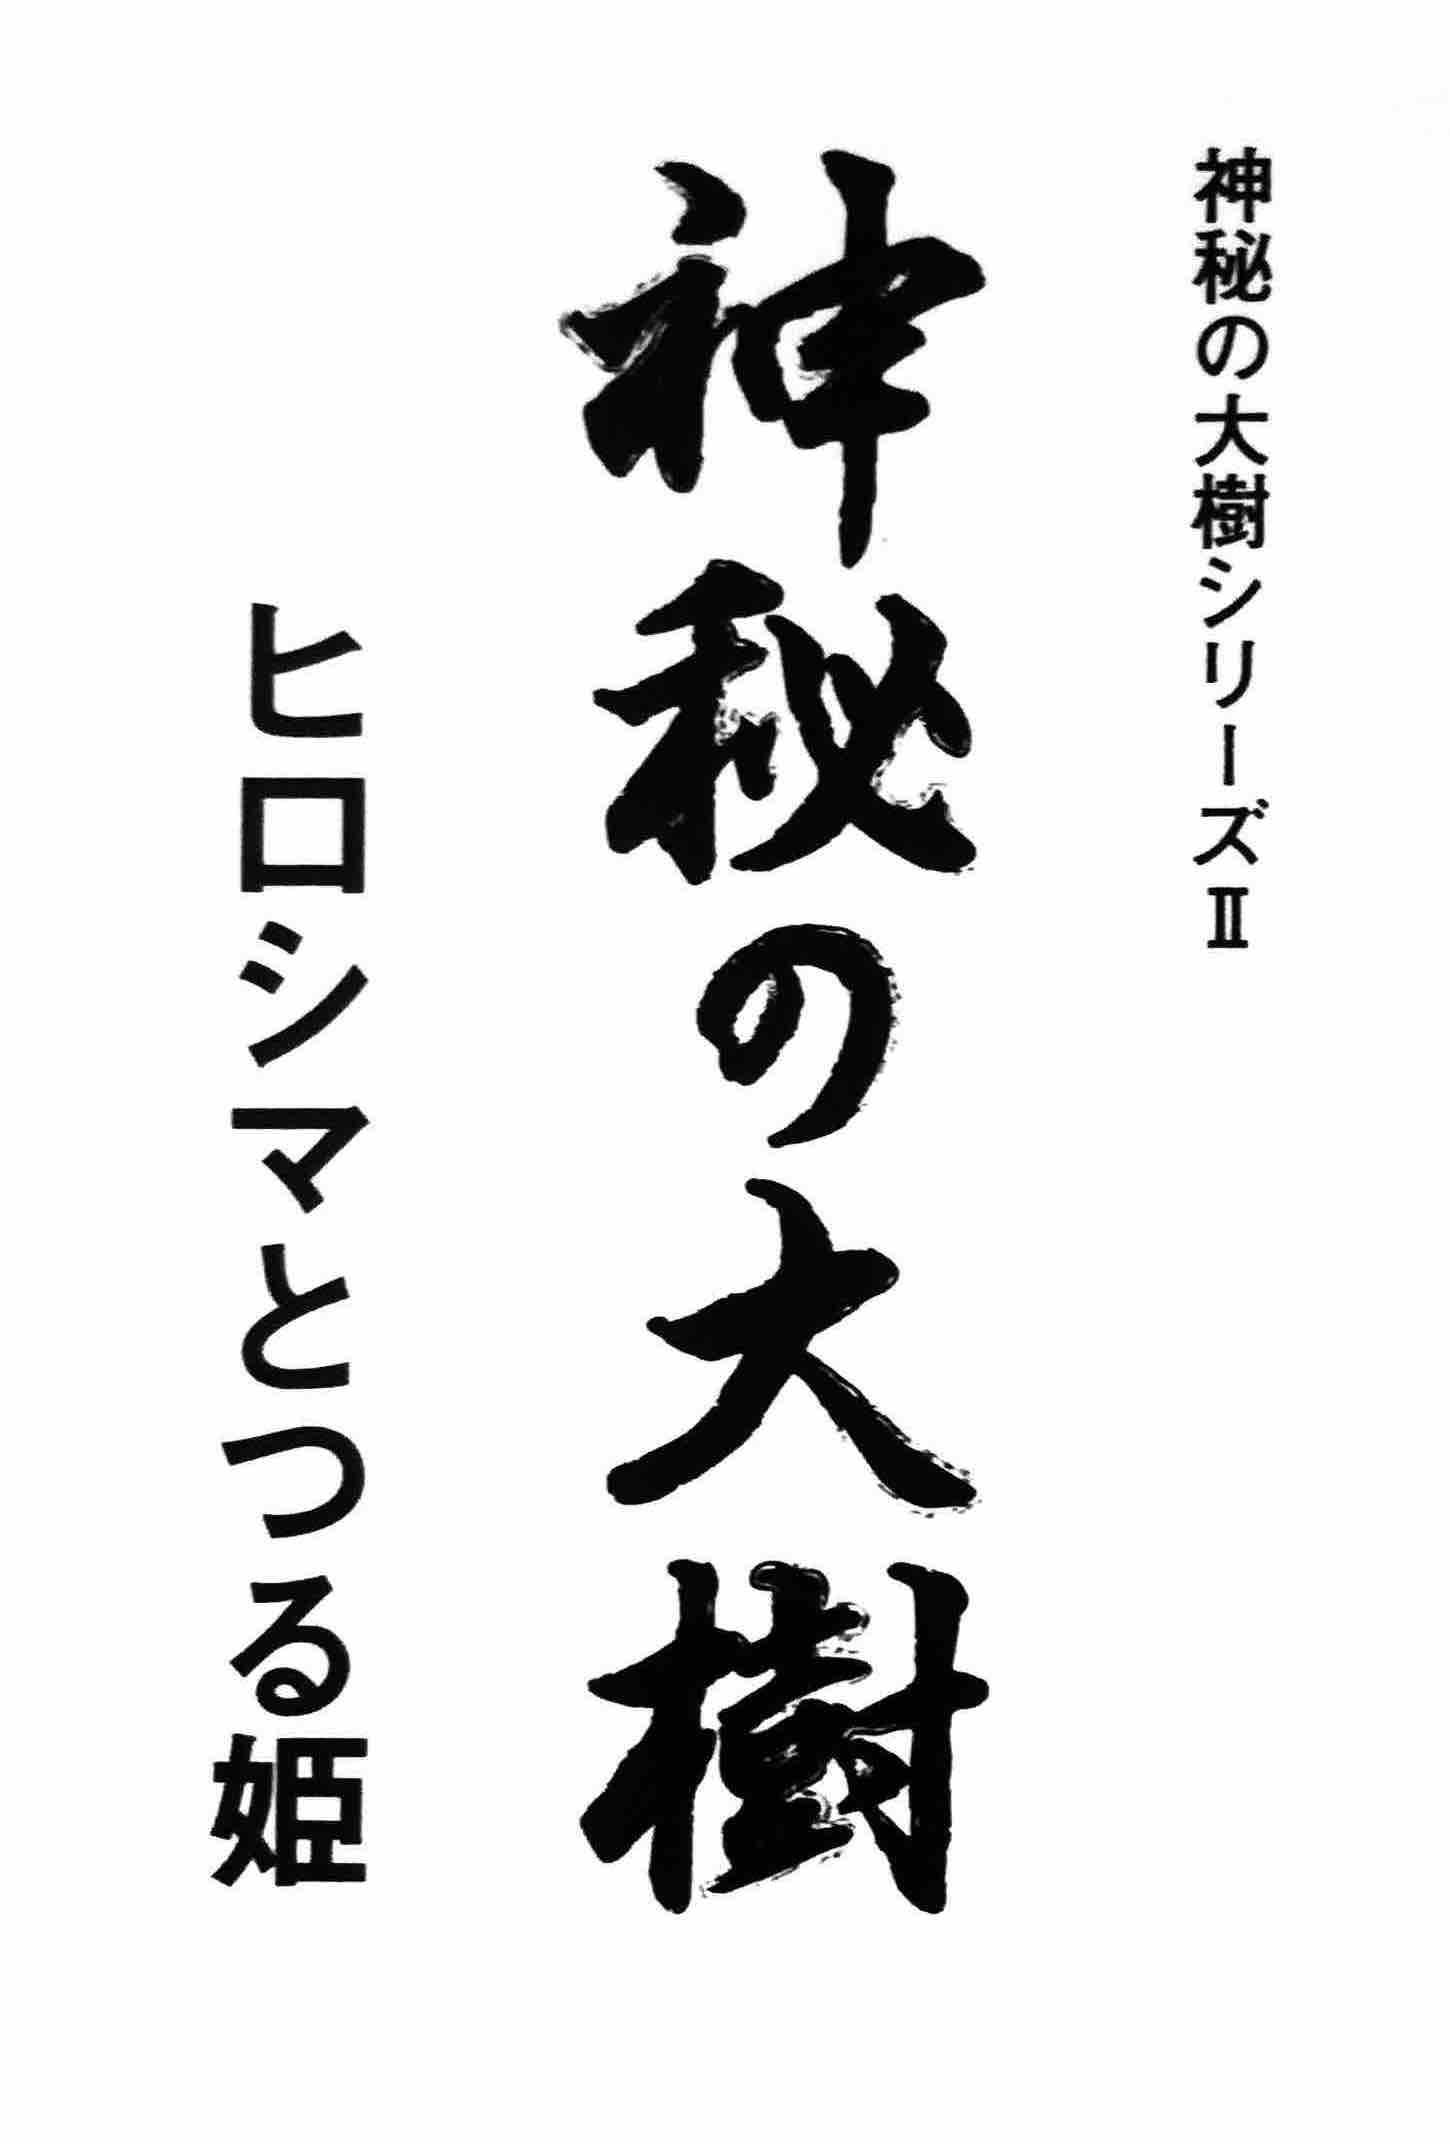 書籍『神秘の大樹シリーズ・第2巻・ヒロシマとつる姫』/このページでは、この本について詳しく紹介します。下の目次のうち「スライダで閲覧」という項目はスクリーンリーダーに対応していないため「本文からの抜粋」のご利用を。iOS及びMacは電子書籍(Apple Books)が利用可能。